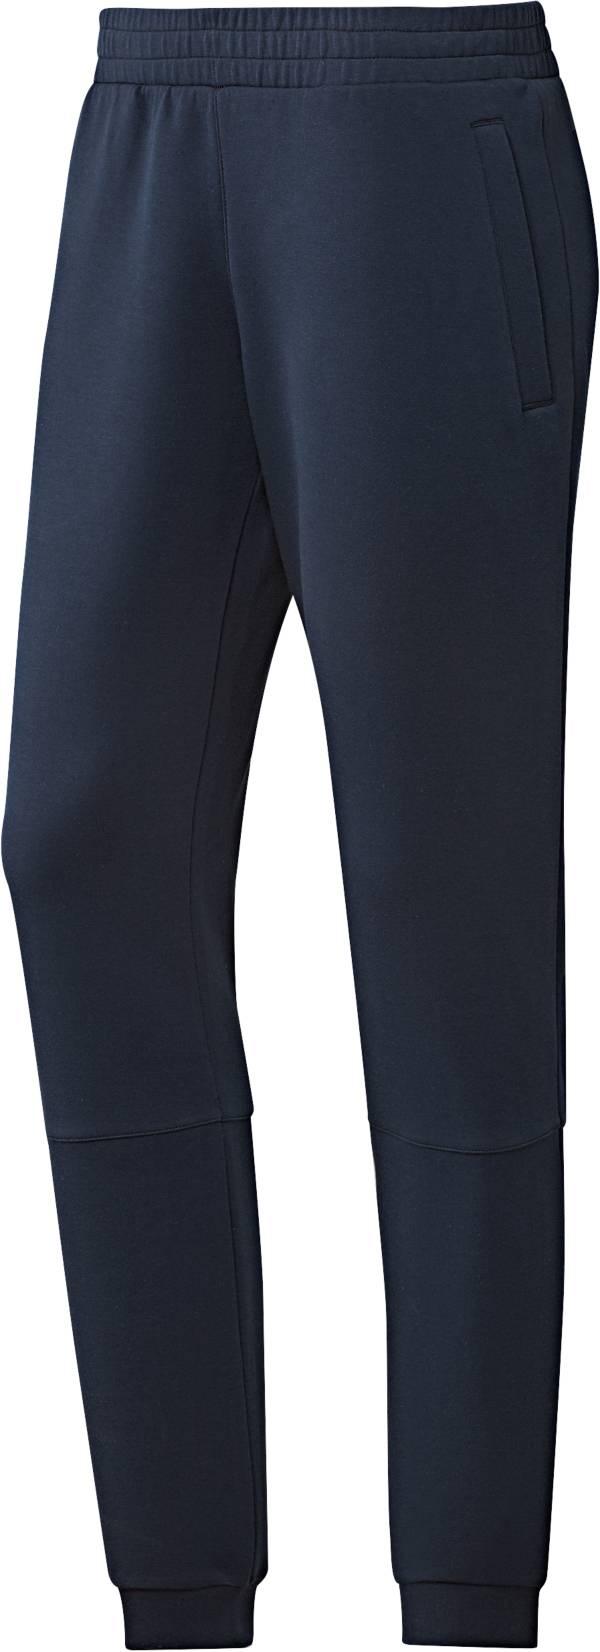 adidas Men's Adicross Fleece Golf Pants product image